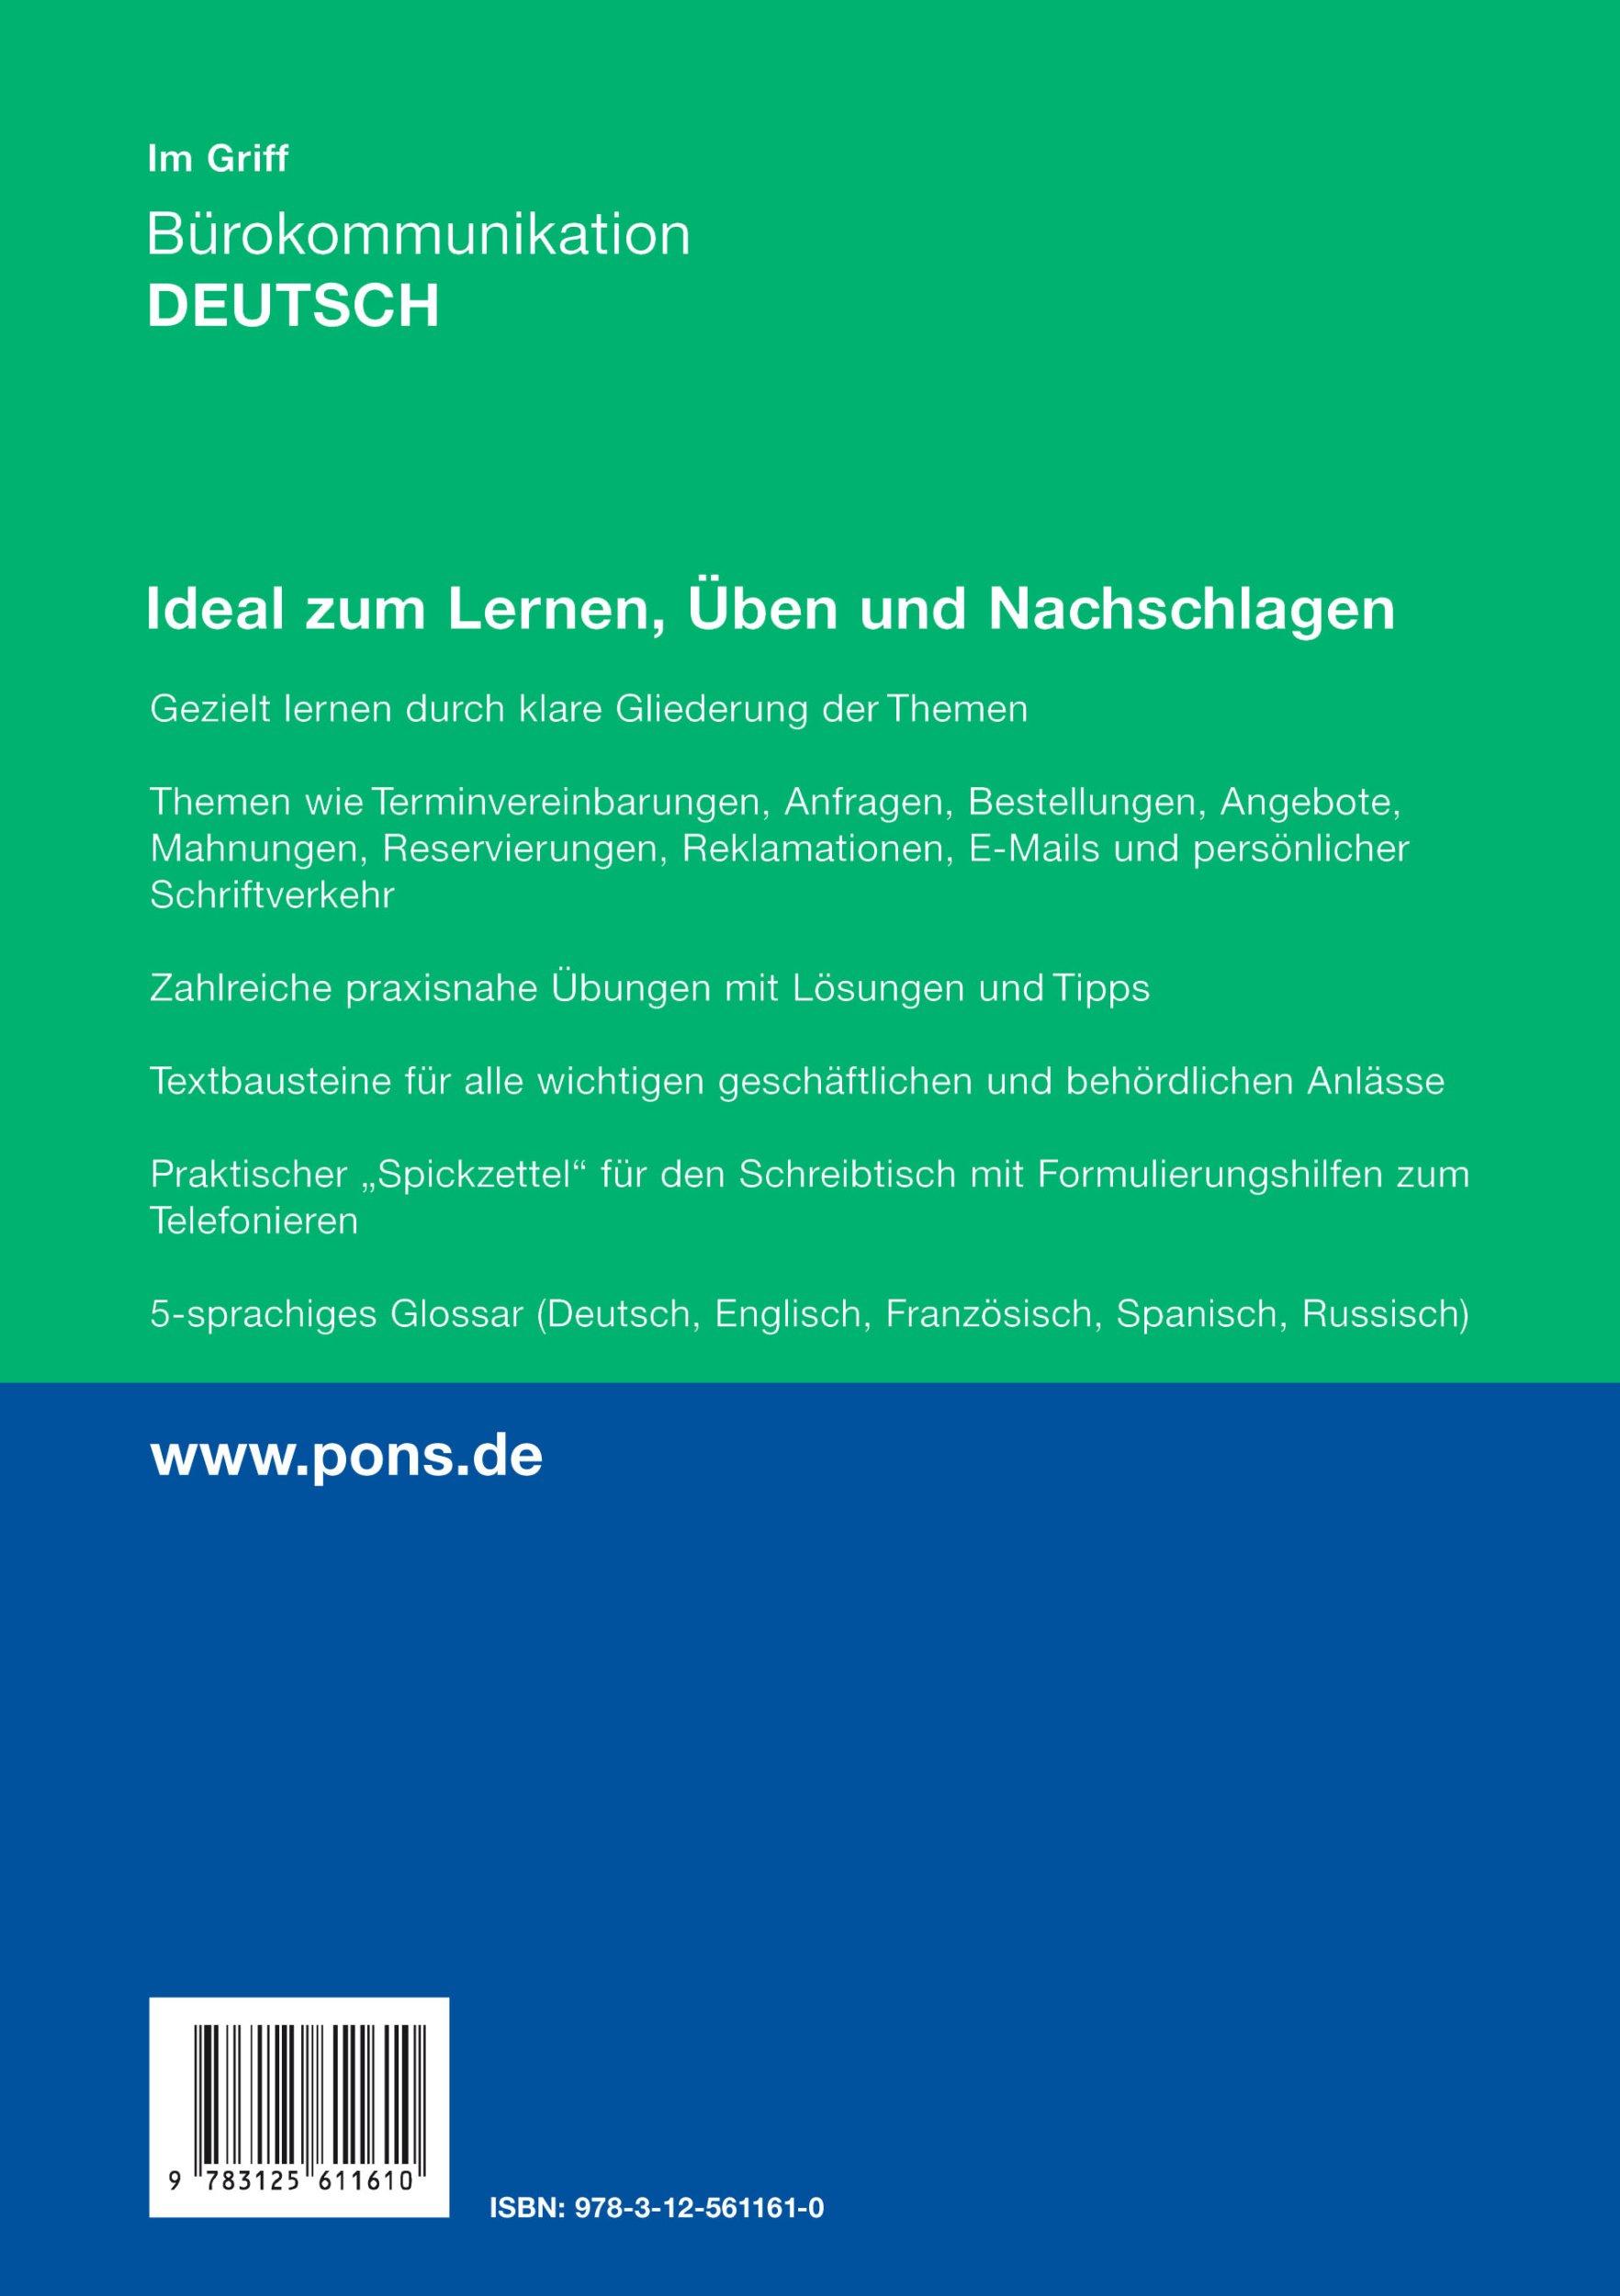 Pons Im Griff Bürokommunikation Deutsch Sicher Formulieren In